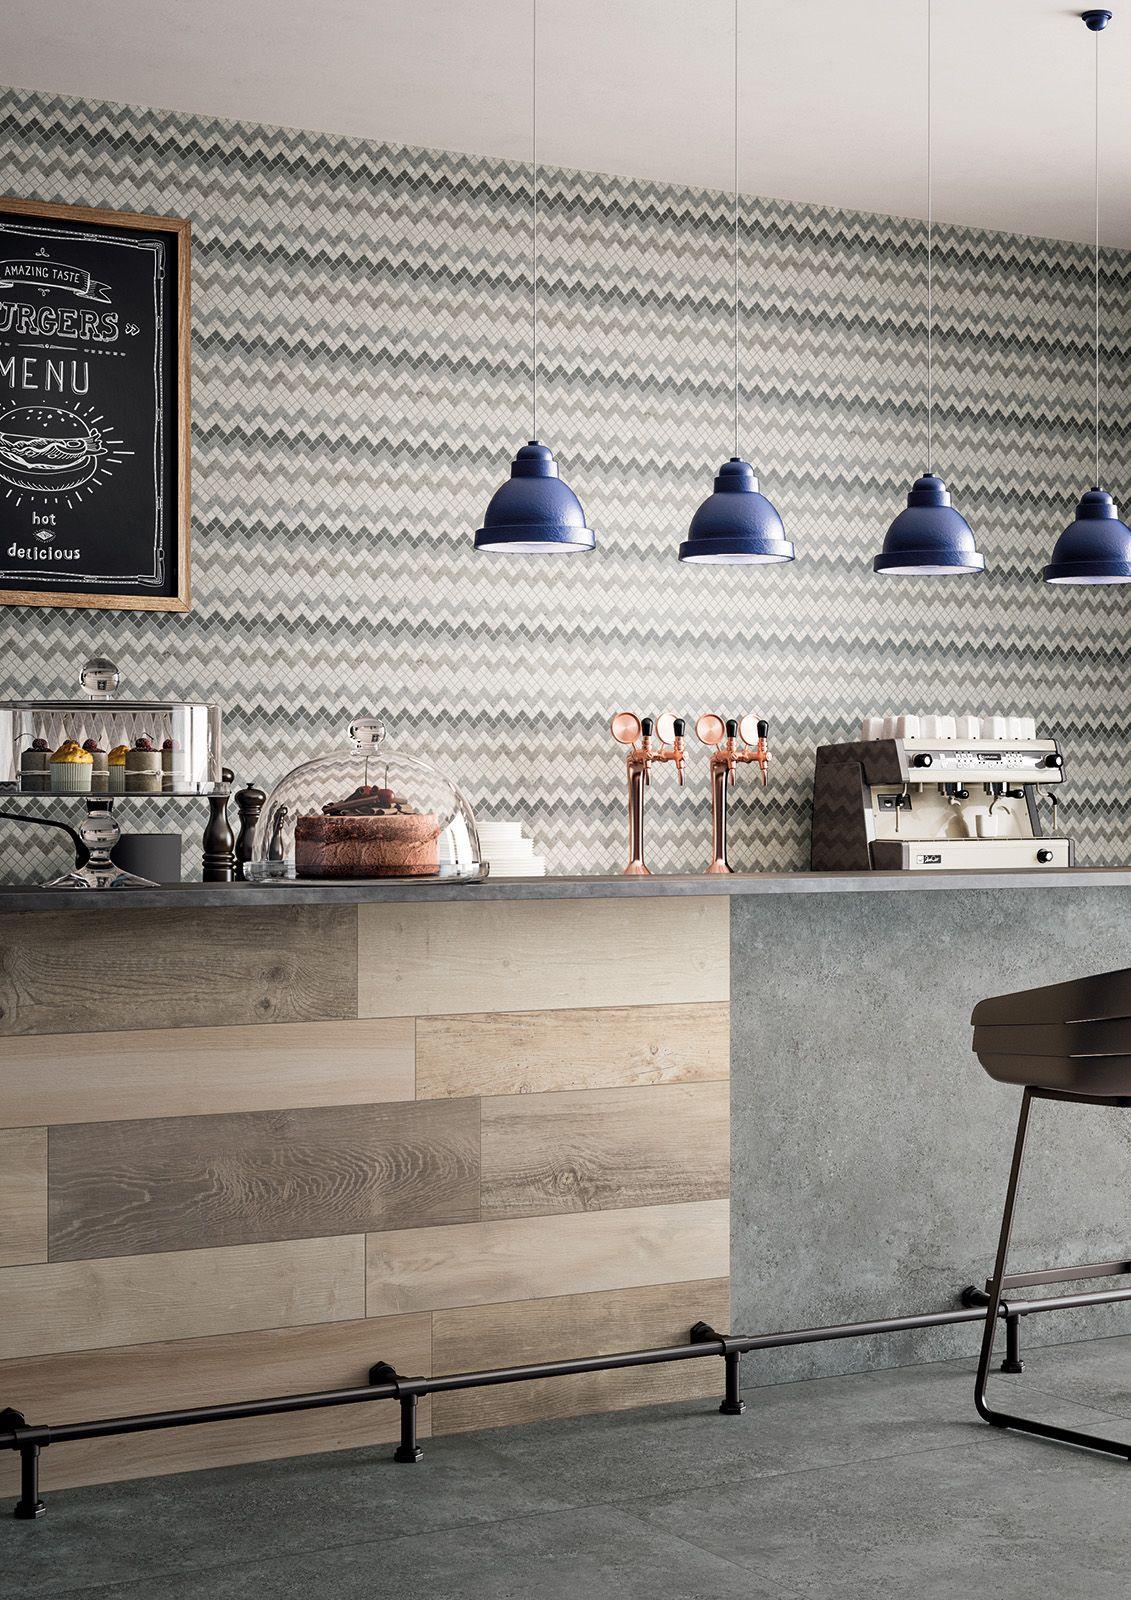 Mosaic Backsplash For Kitchen Design Interior Project Diy Home